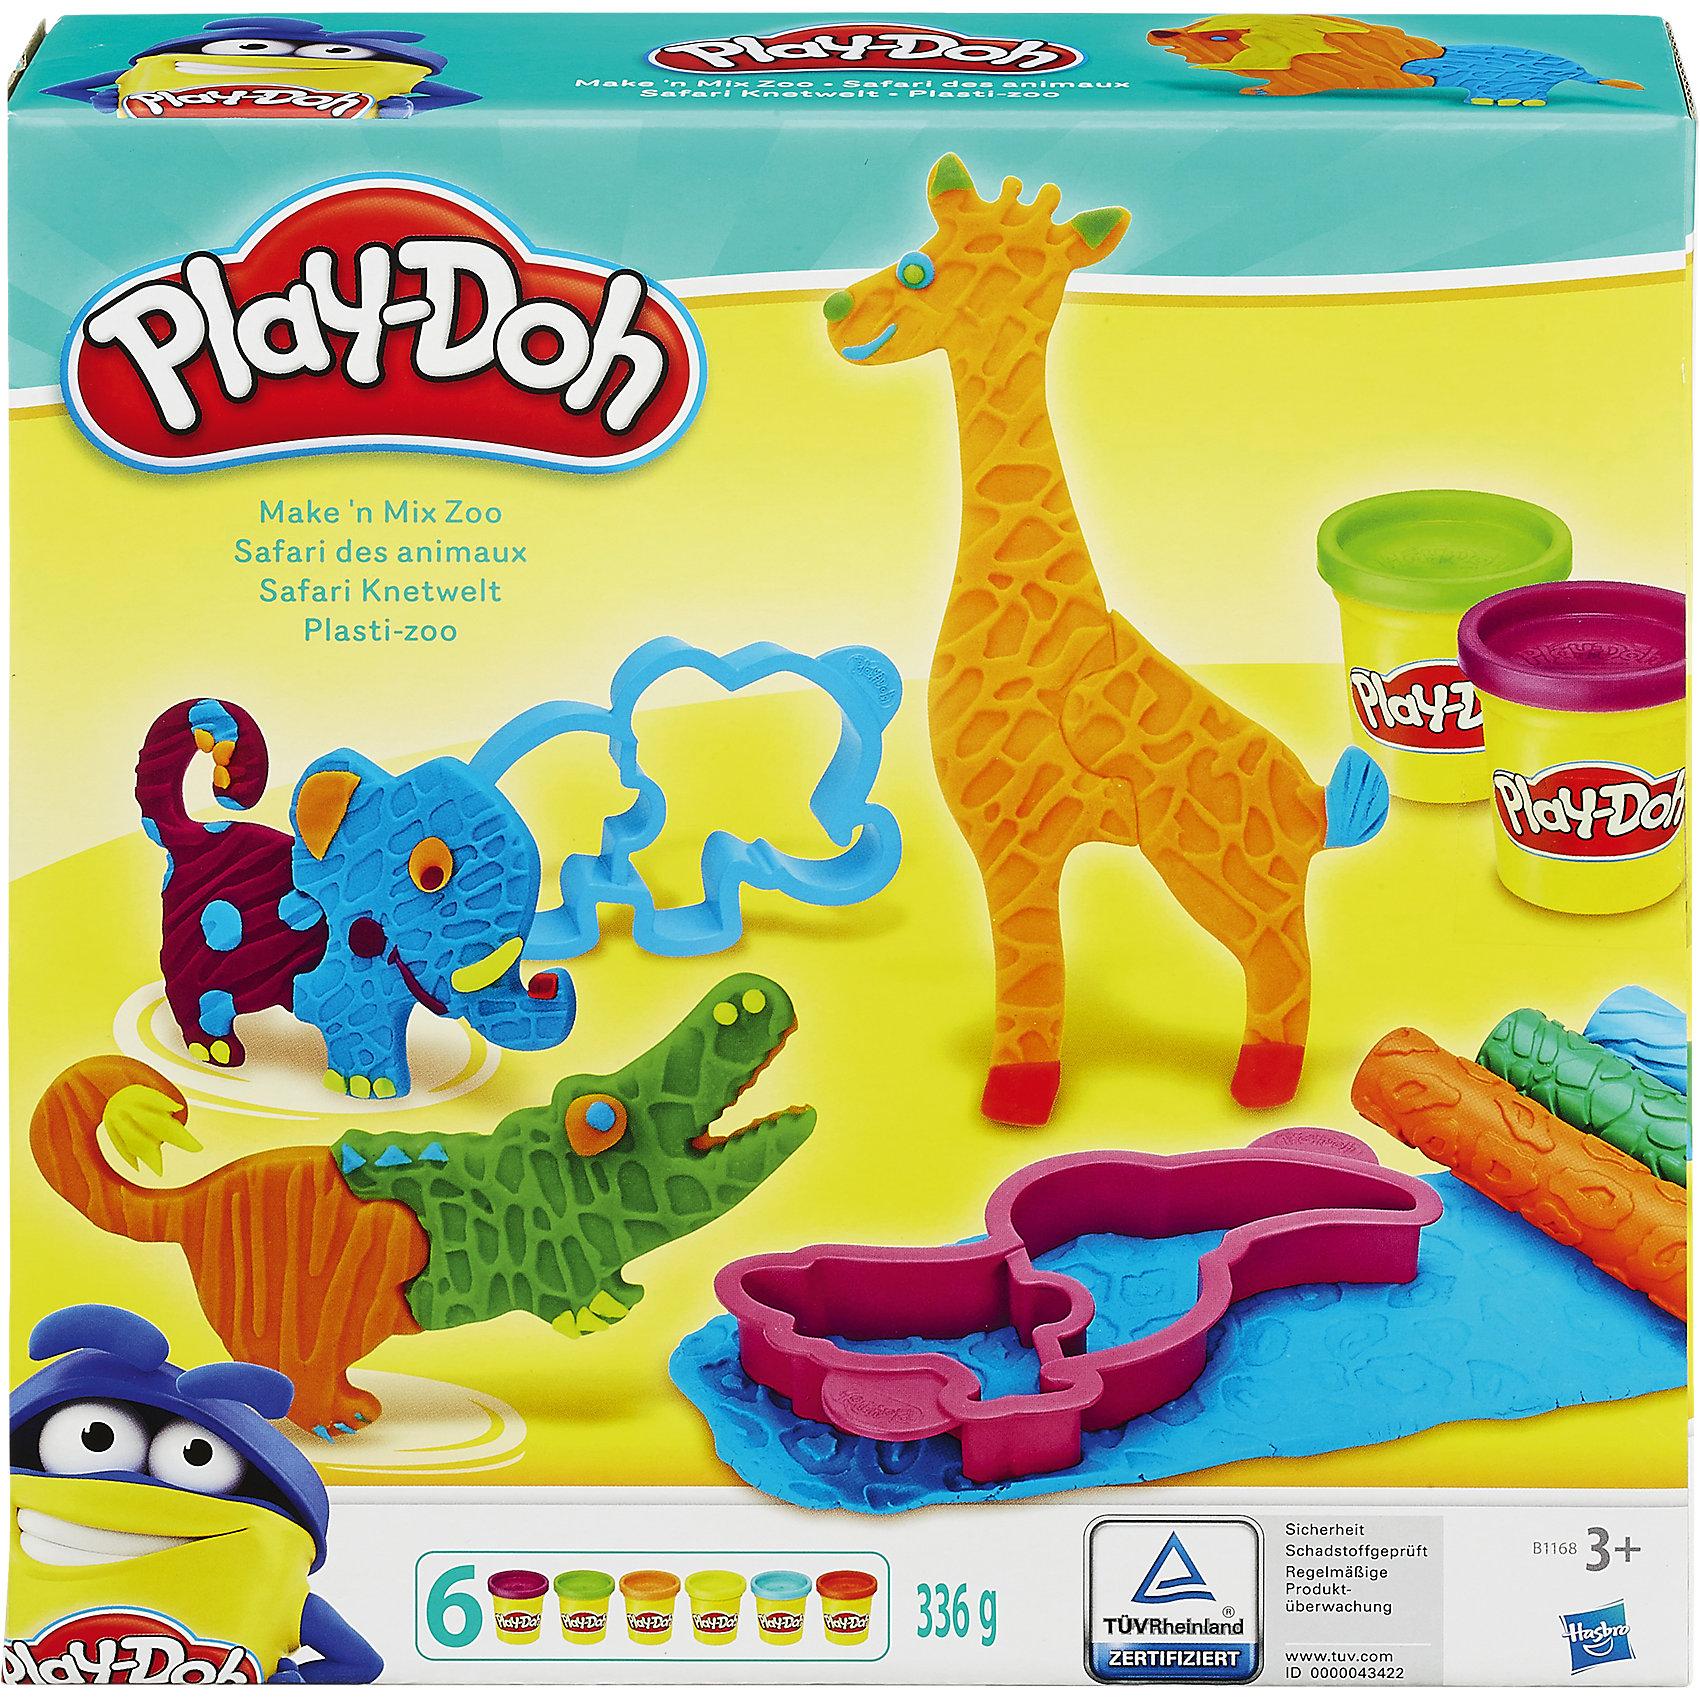 Игровой набор Веселое Сафари, Play-DohНаборы для лепки<br>Игровой набор Веселое Сафари, Play-Doh, вызовет восторг у всех маленьких любителей лепки. Ваш ребенок создаст свой собственный красочный зоопарк, населять который будут не только привычные обитатели африканской саванны но и самые невероятные животные, которых нет в природе. Входящие в набор формочки зверюшек имеют особую конструкцию с разделением головы и туловища животного. С их помощью можно вылепить хорошо знакомых всем льва, слона, крокодила, жирафа и других животных или придумывать новые фантастические существа, соединяя части тела разных животных по типу пазлов. Скалки с объемным рисунком, имитирующие кожу различных животных, придадут фигуркам особую реалистичность. Пластилин Play-Doh отличается высоким качеством, полностью безопасен для детей, не липнет к рукам и не пачкает одежду. Занятия лепкой развивают у ребенка фантазию, творческие способности и объемное воображение, тренируют координацию движений и мелкую моторику.<br><br>Дополнительная информация:<br><br>- В комплекте: 6 баночек пластилина, 6 формочек животных, 3 скалки с объемным рисунком, пластиковый нож.<br>- Материал: пластик, пластилин.<br>- Размер упаковки: 23 x 22,6 x 6 см.<br>- Вес: 0,481 кг.<br><br>Игровой набор Веселое Сафари, Play-Doh можно купить в нашем интернет-магазине.<br><br>Ширина мм: 232<br>Глубина мм: 226<br>Высота мм: 66<br>Вес г: 633<br>Возраст от месяцев: 36<br>Возраст до месяцев: 72<br>Пол: Унисекс<br>Возраст: Детский<br>SKU: 4156435